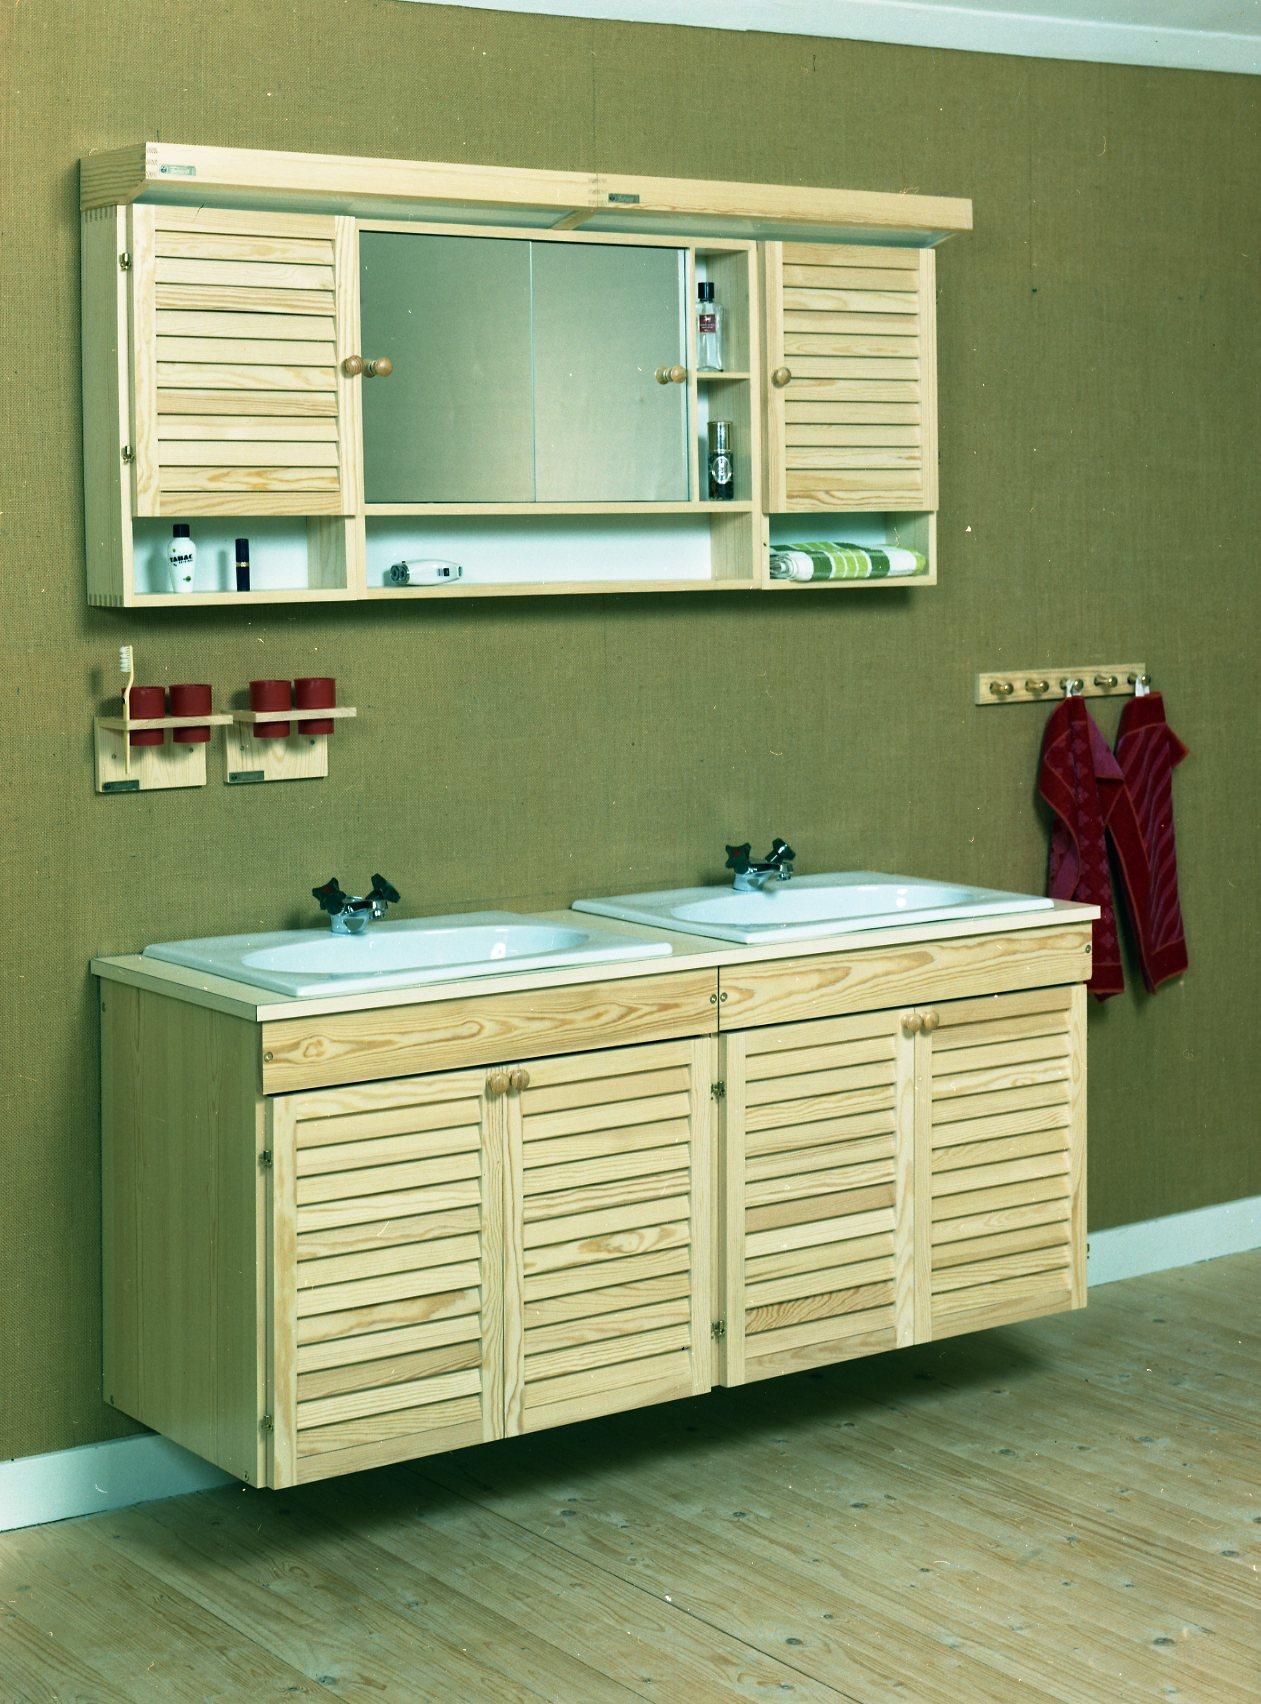 Inredning badrum 1975 nr 1630 SR 001